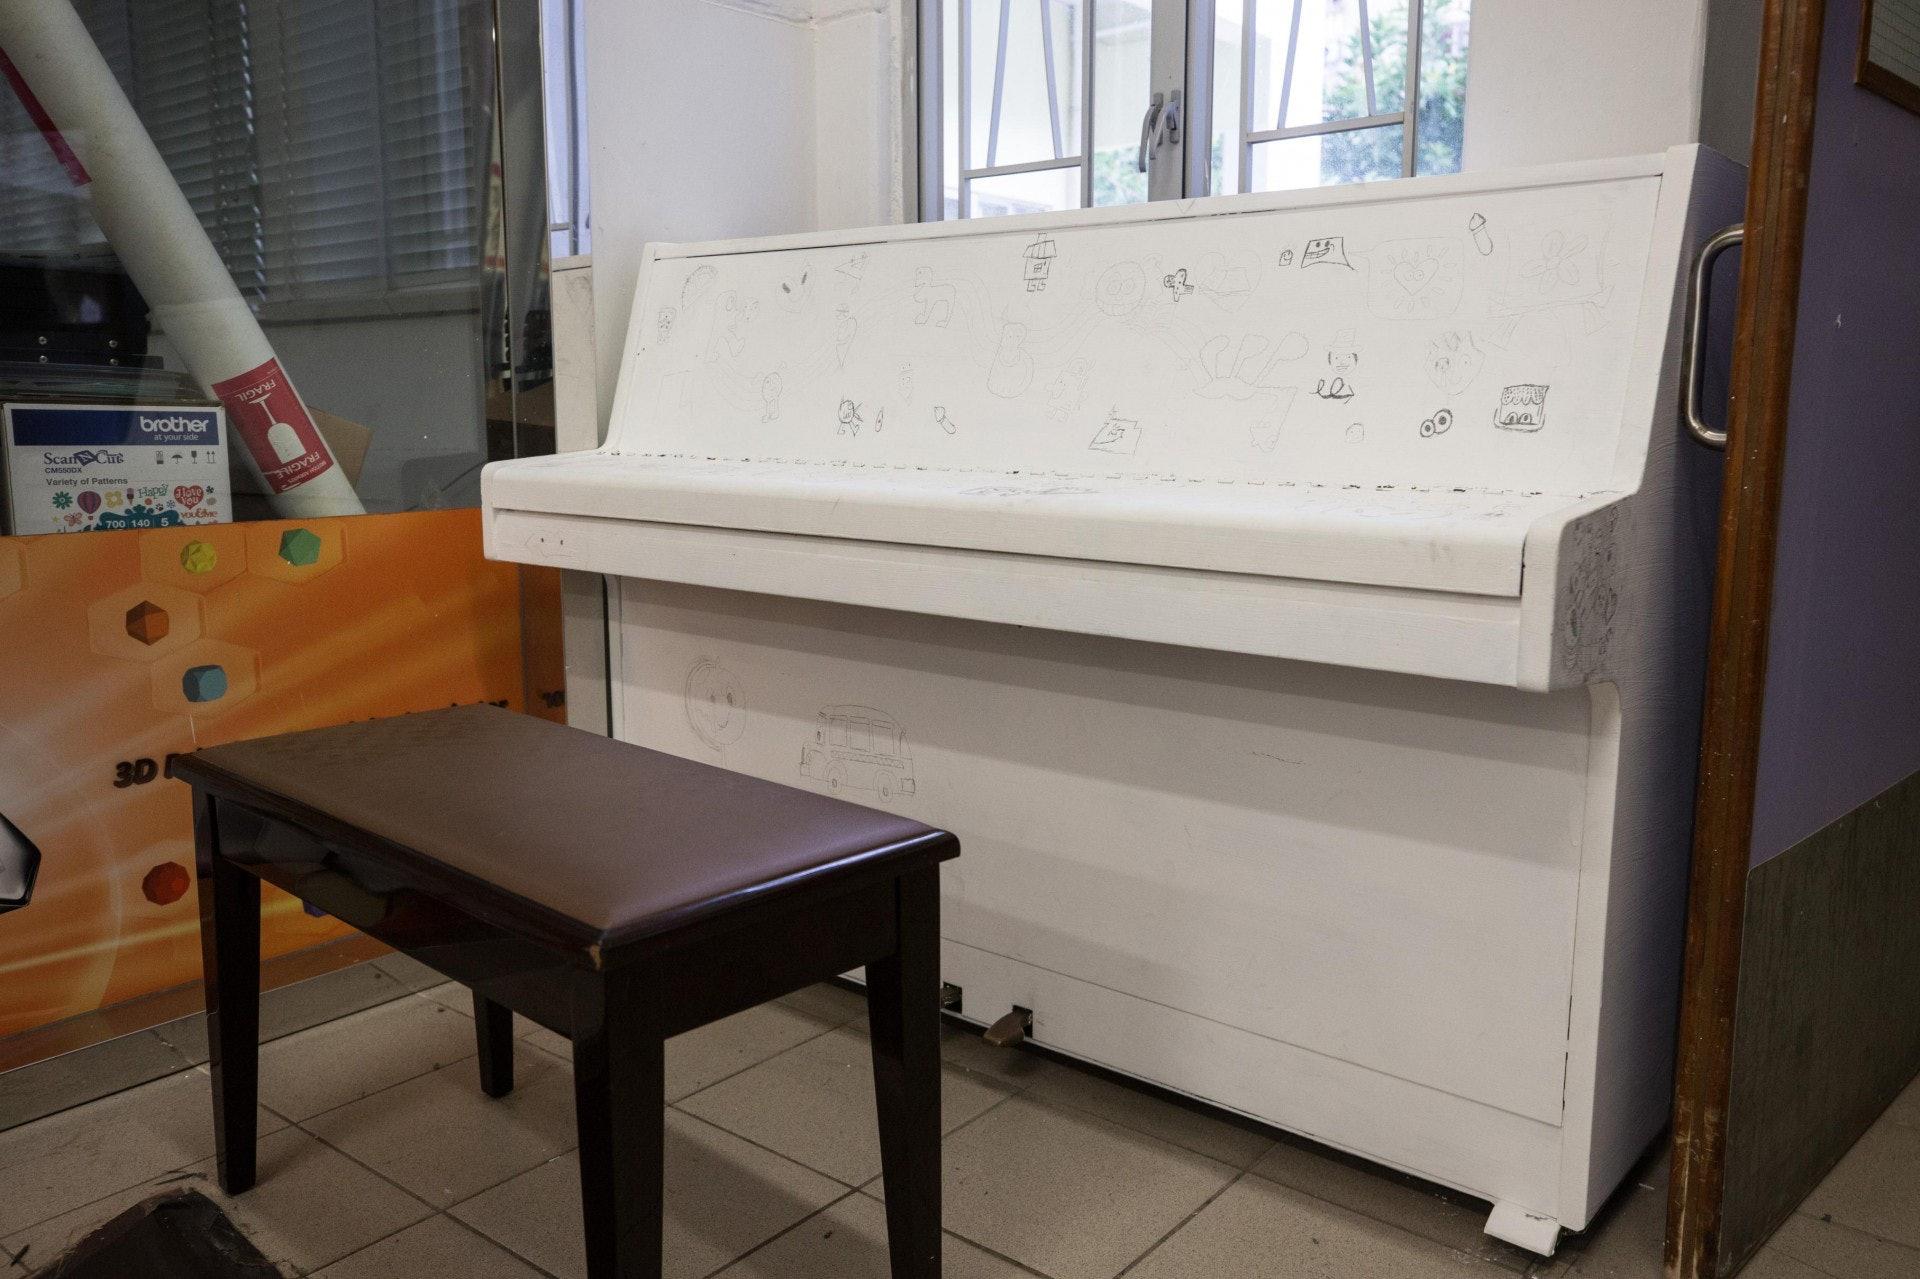 校內設有鋼琴,學生可以隨意彈,同時亦可繪畫點綴。(梁鵬威攝)